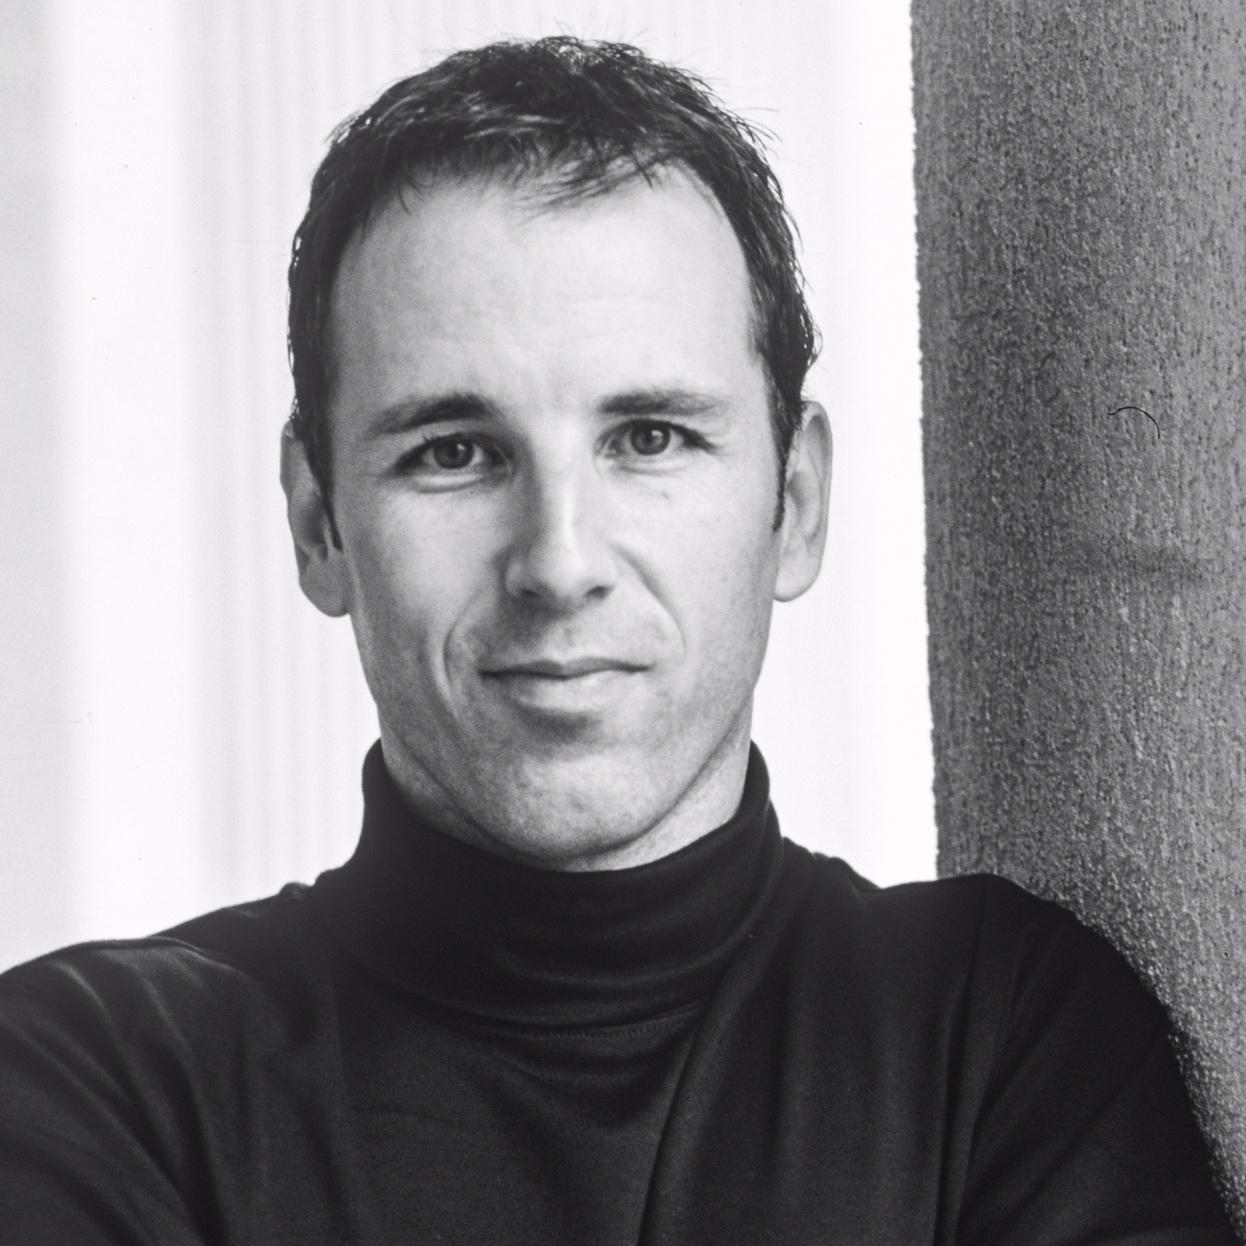 Peter Smythe, founder of Breath